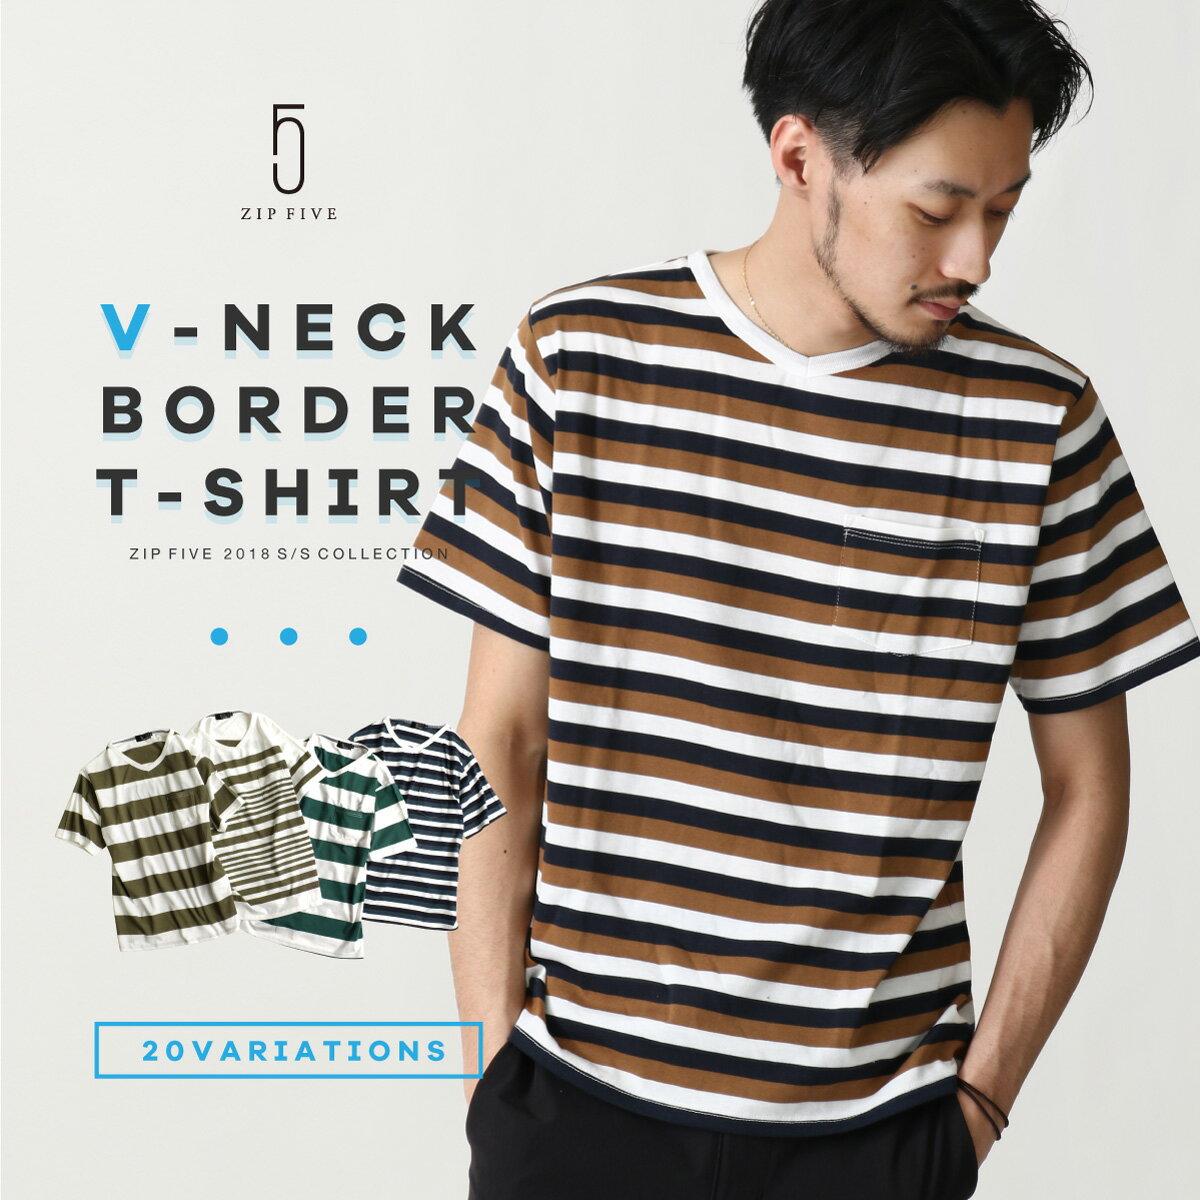 ボーダーTシャツ メンズ Tee カットソー 半袖 Tシャツ ボーダーT Vネック 薄手 夏 夏物 夏服 【br9003】